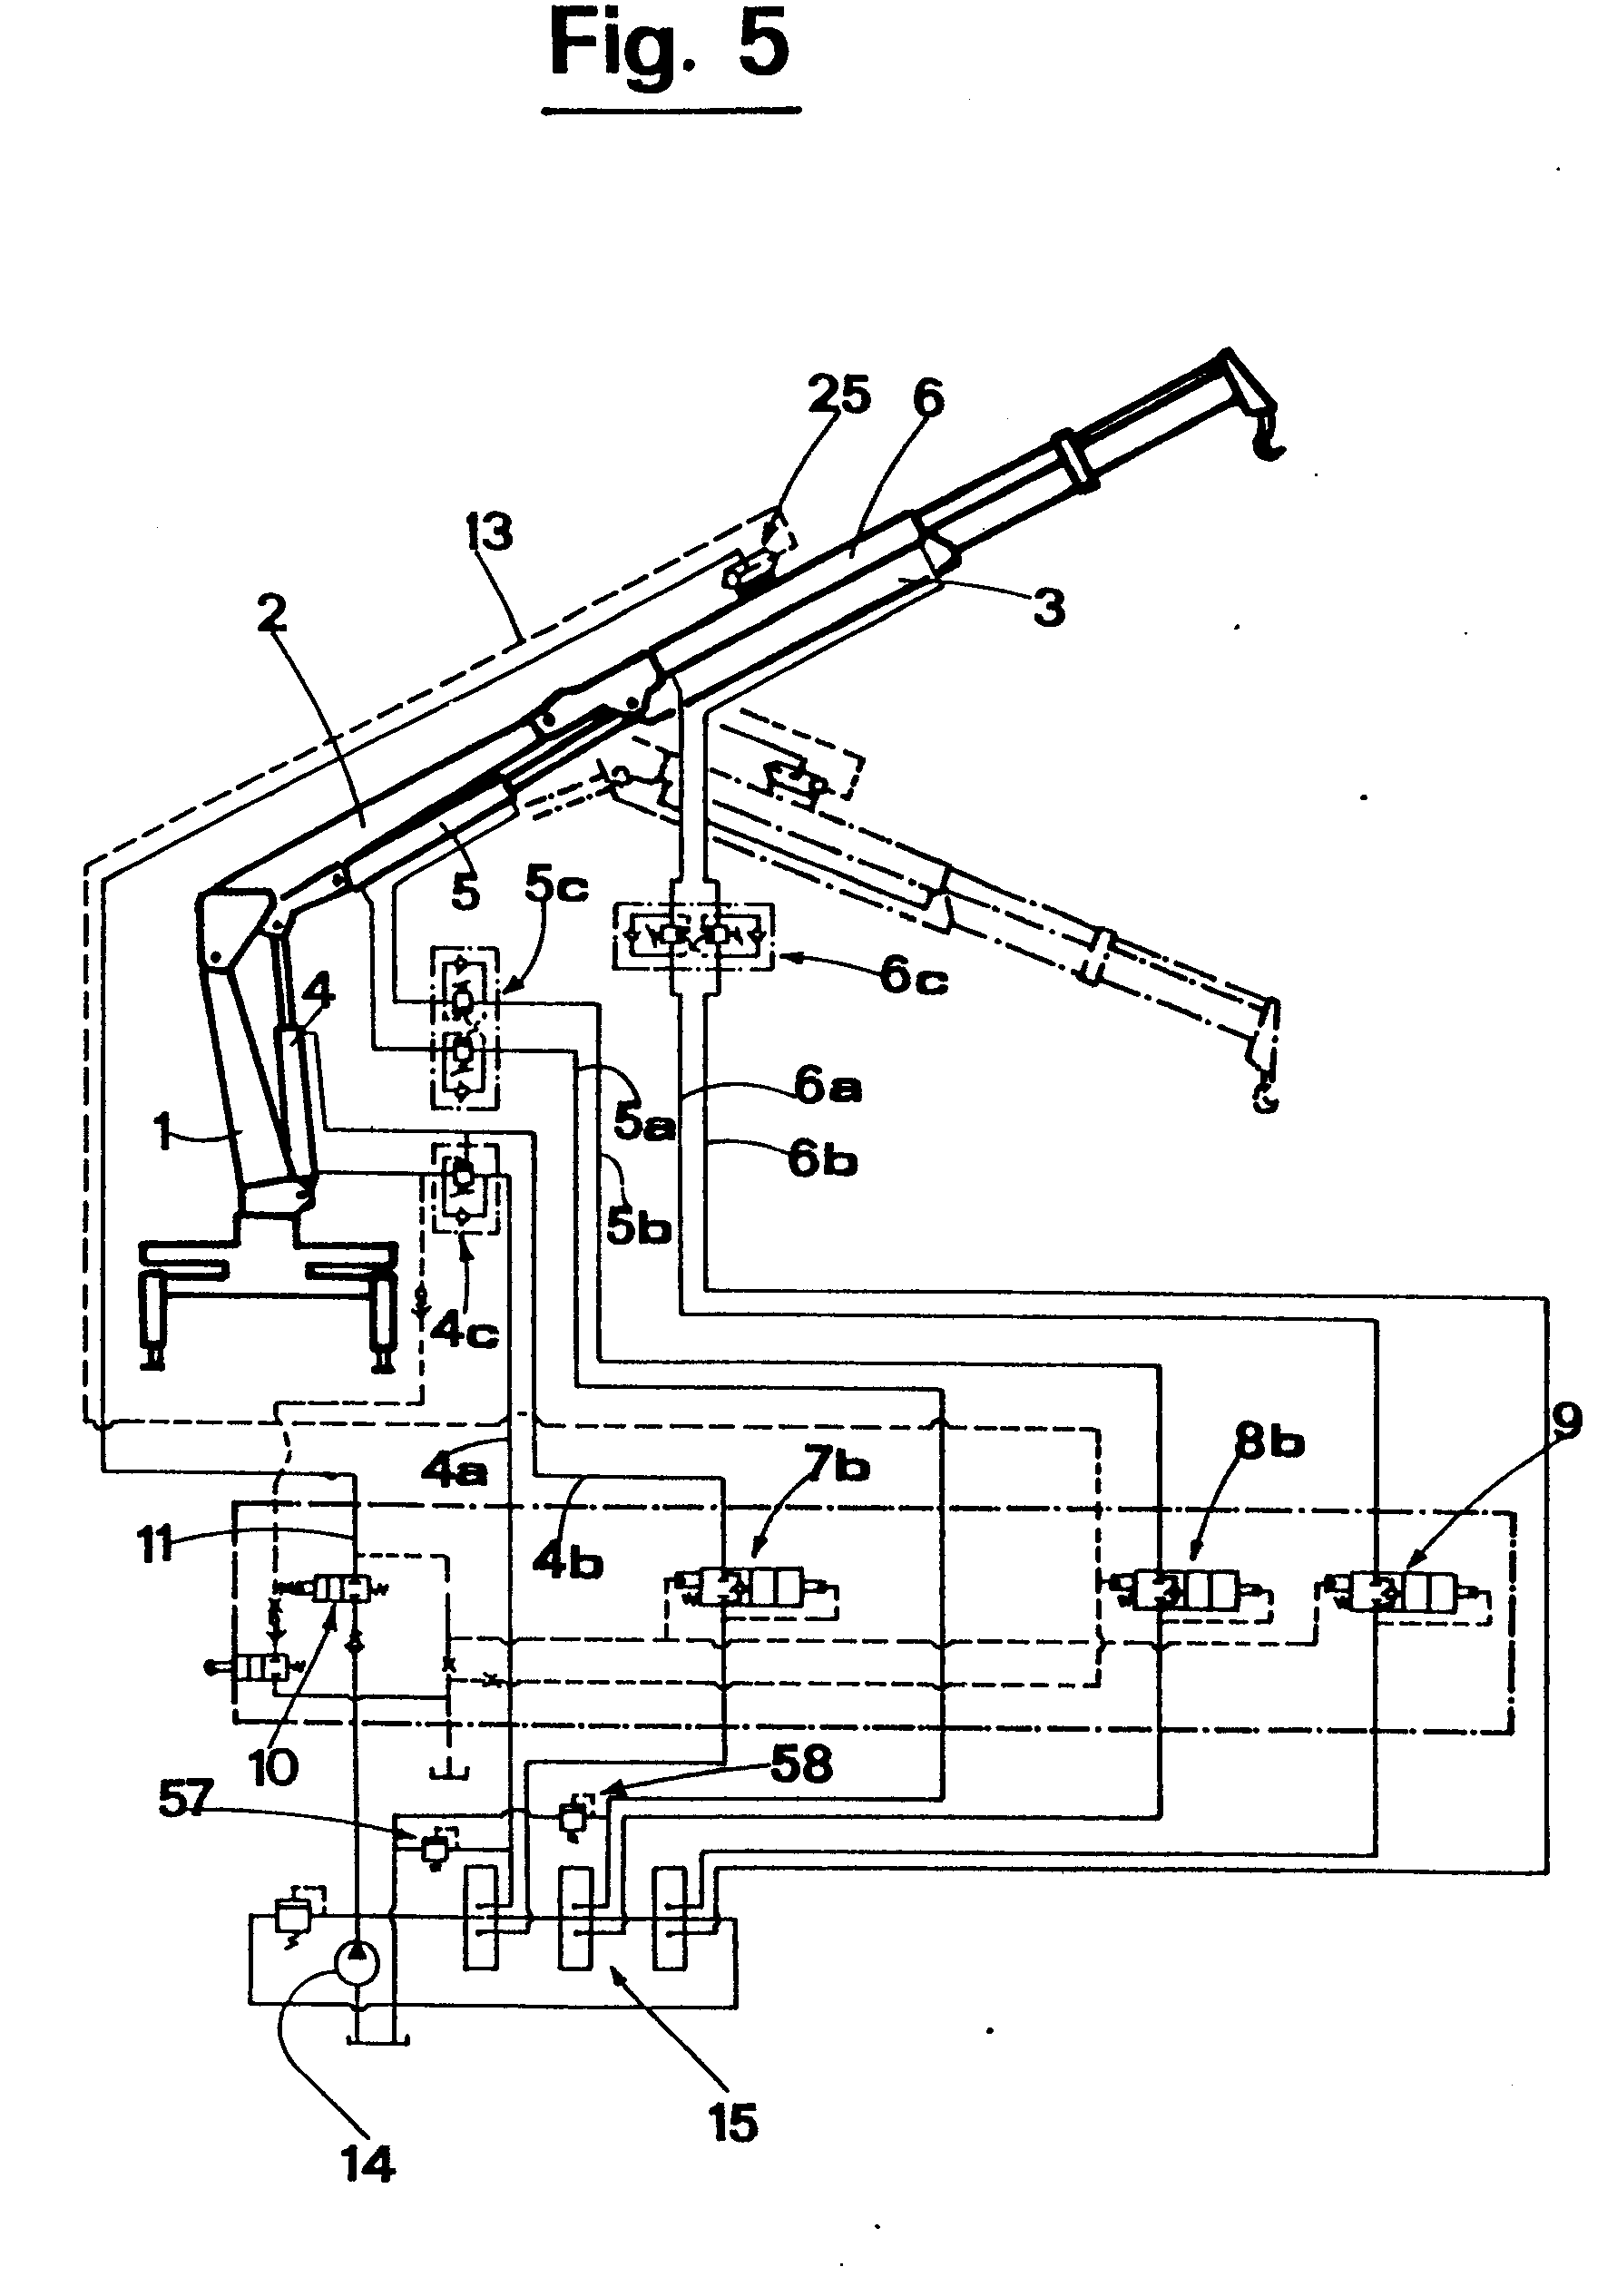 hydraulic crane diagram wiring diagram write rh 2 lmn bolonka zwetna von der laisbach de tower crane schematic demag crane schematics